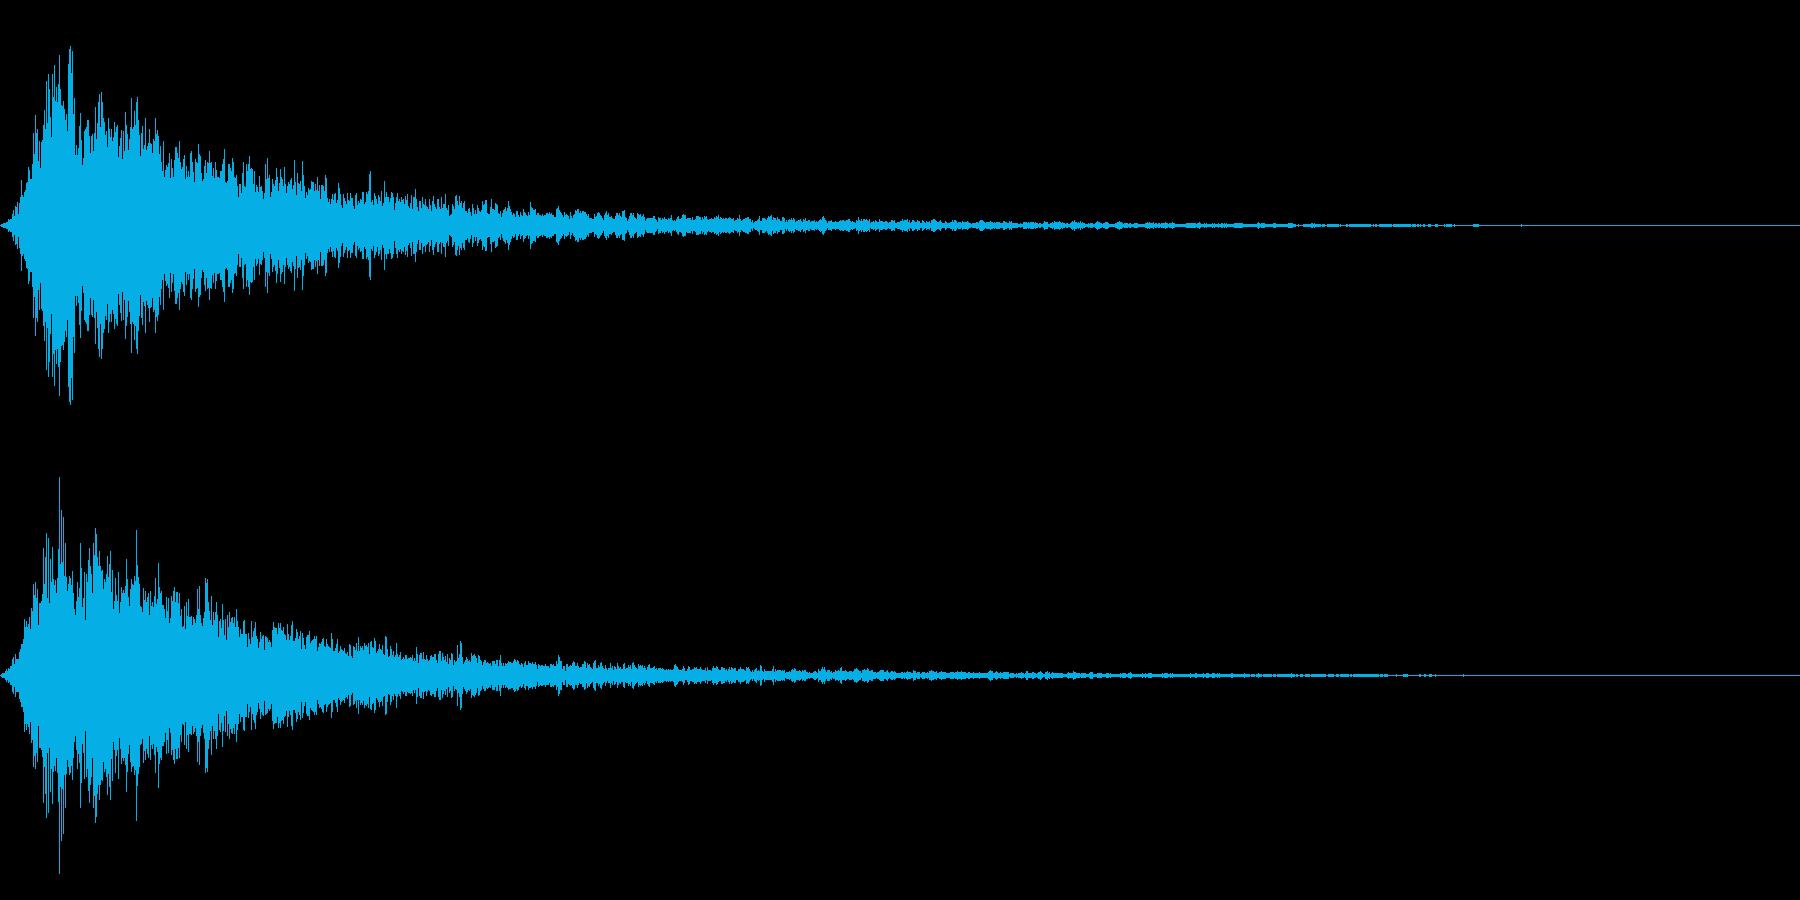 シャキーン キラーン☆強烈な輝きに!20の再生済みの波形